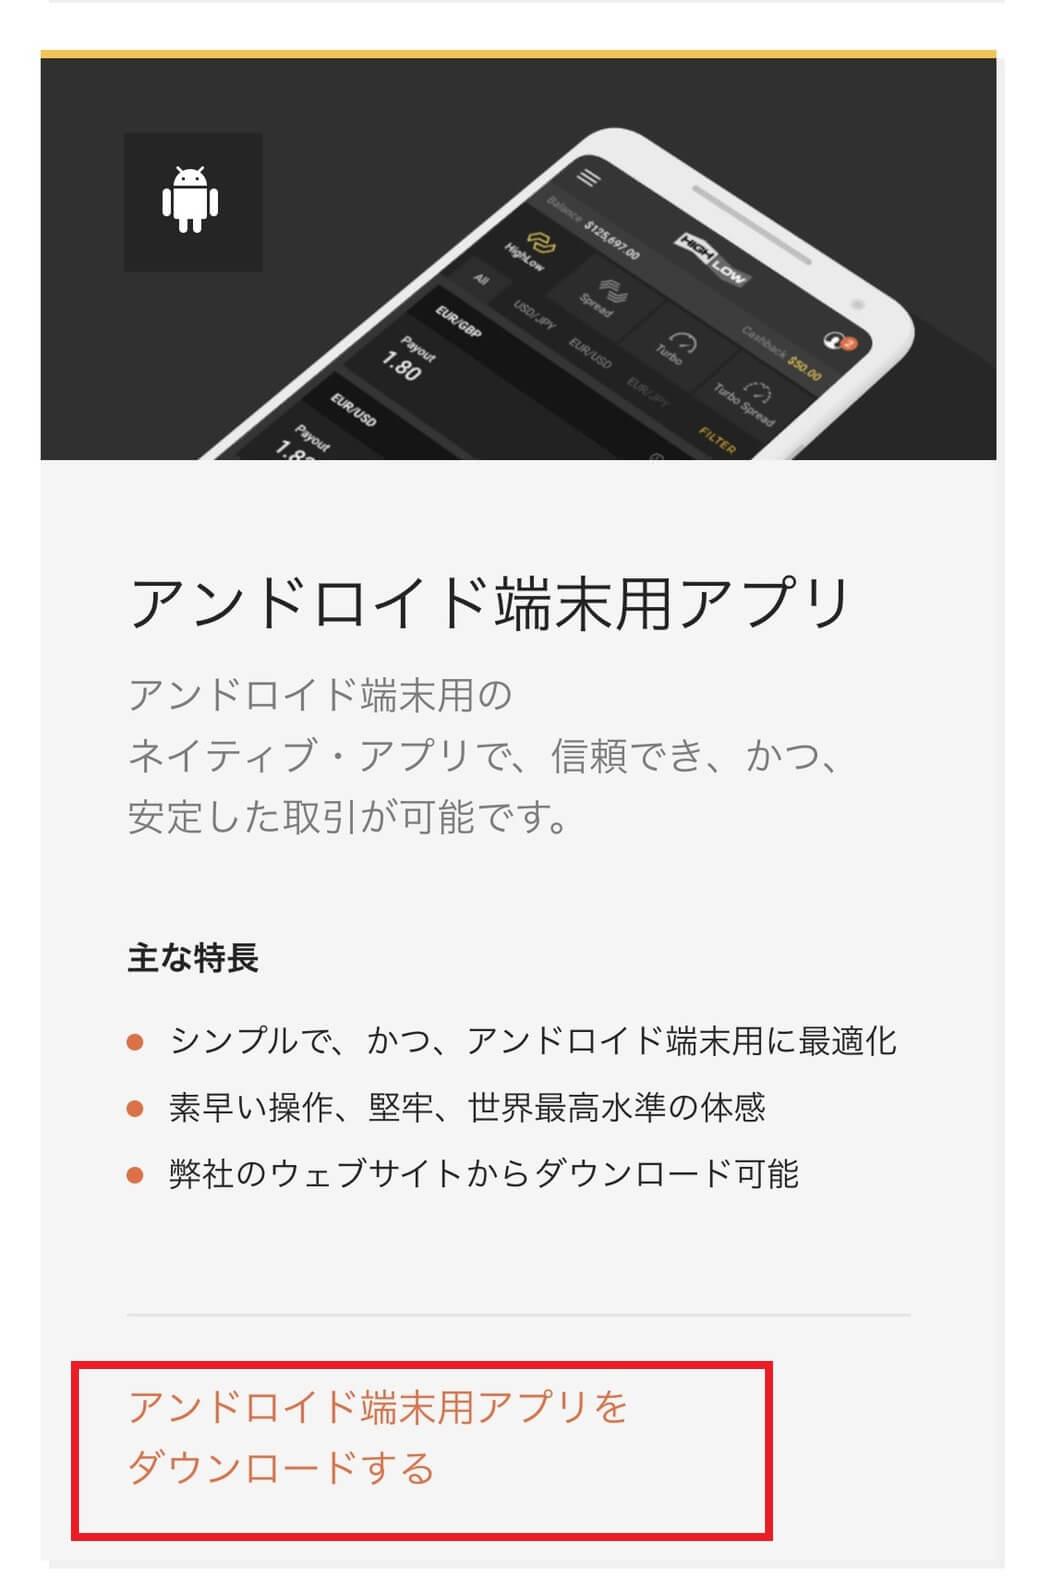 ハイローアプリ